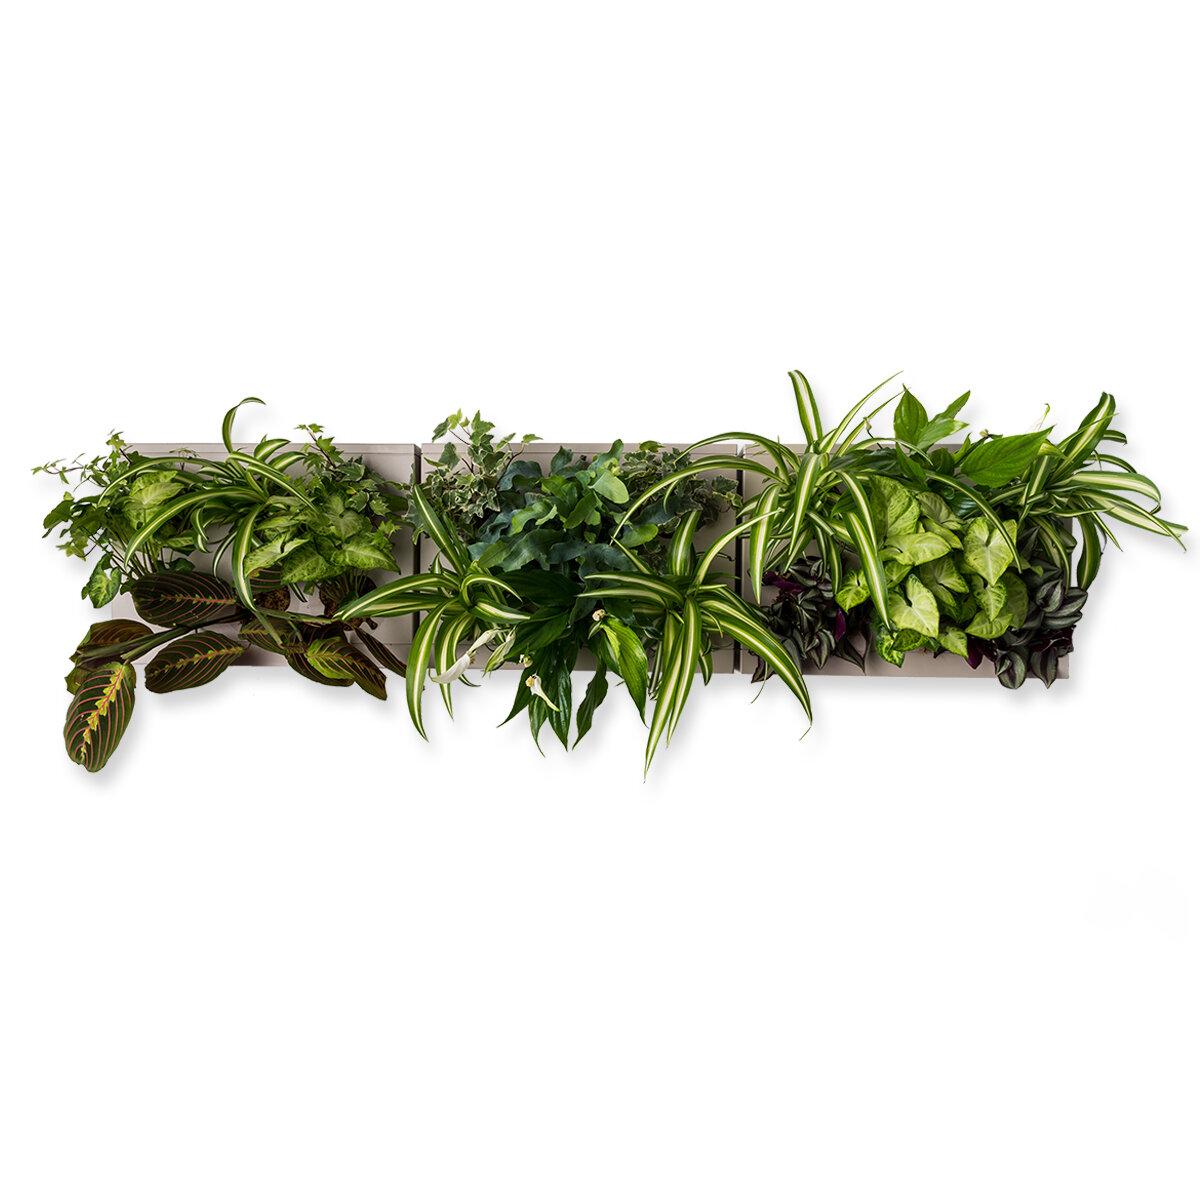 Giardini Verticali Fai Da Te ortisgreen | giardini verticali - hoh! trio smart grigio, composizione  quadri vegetali fai da te (diy)